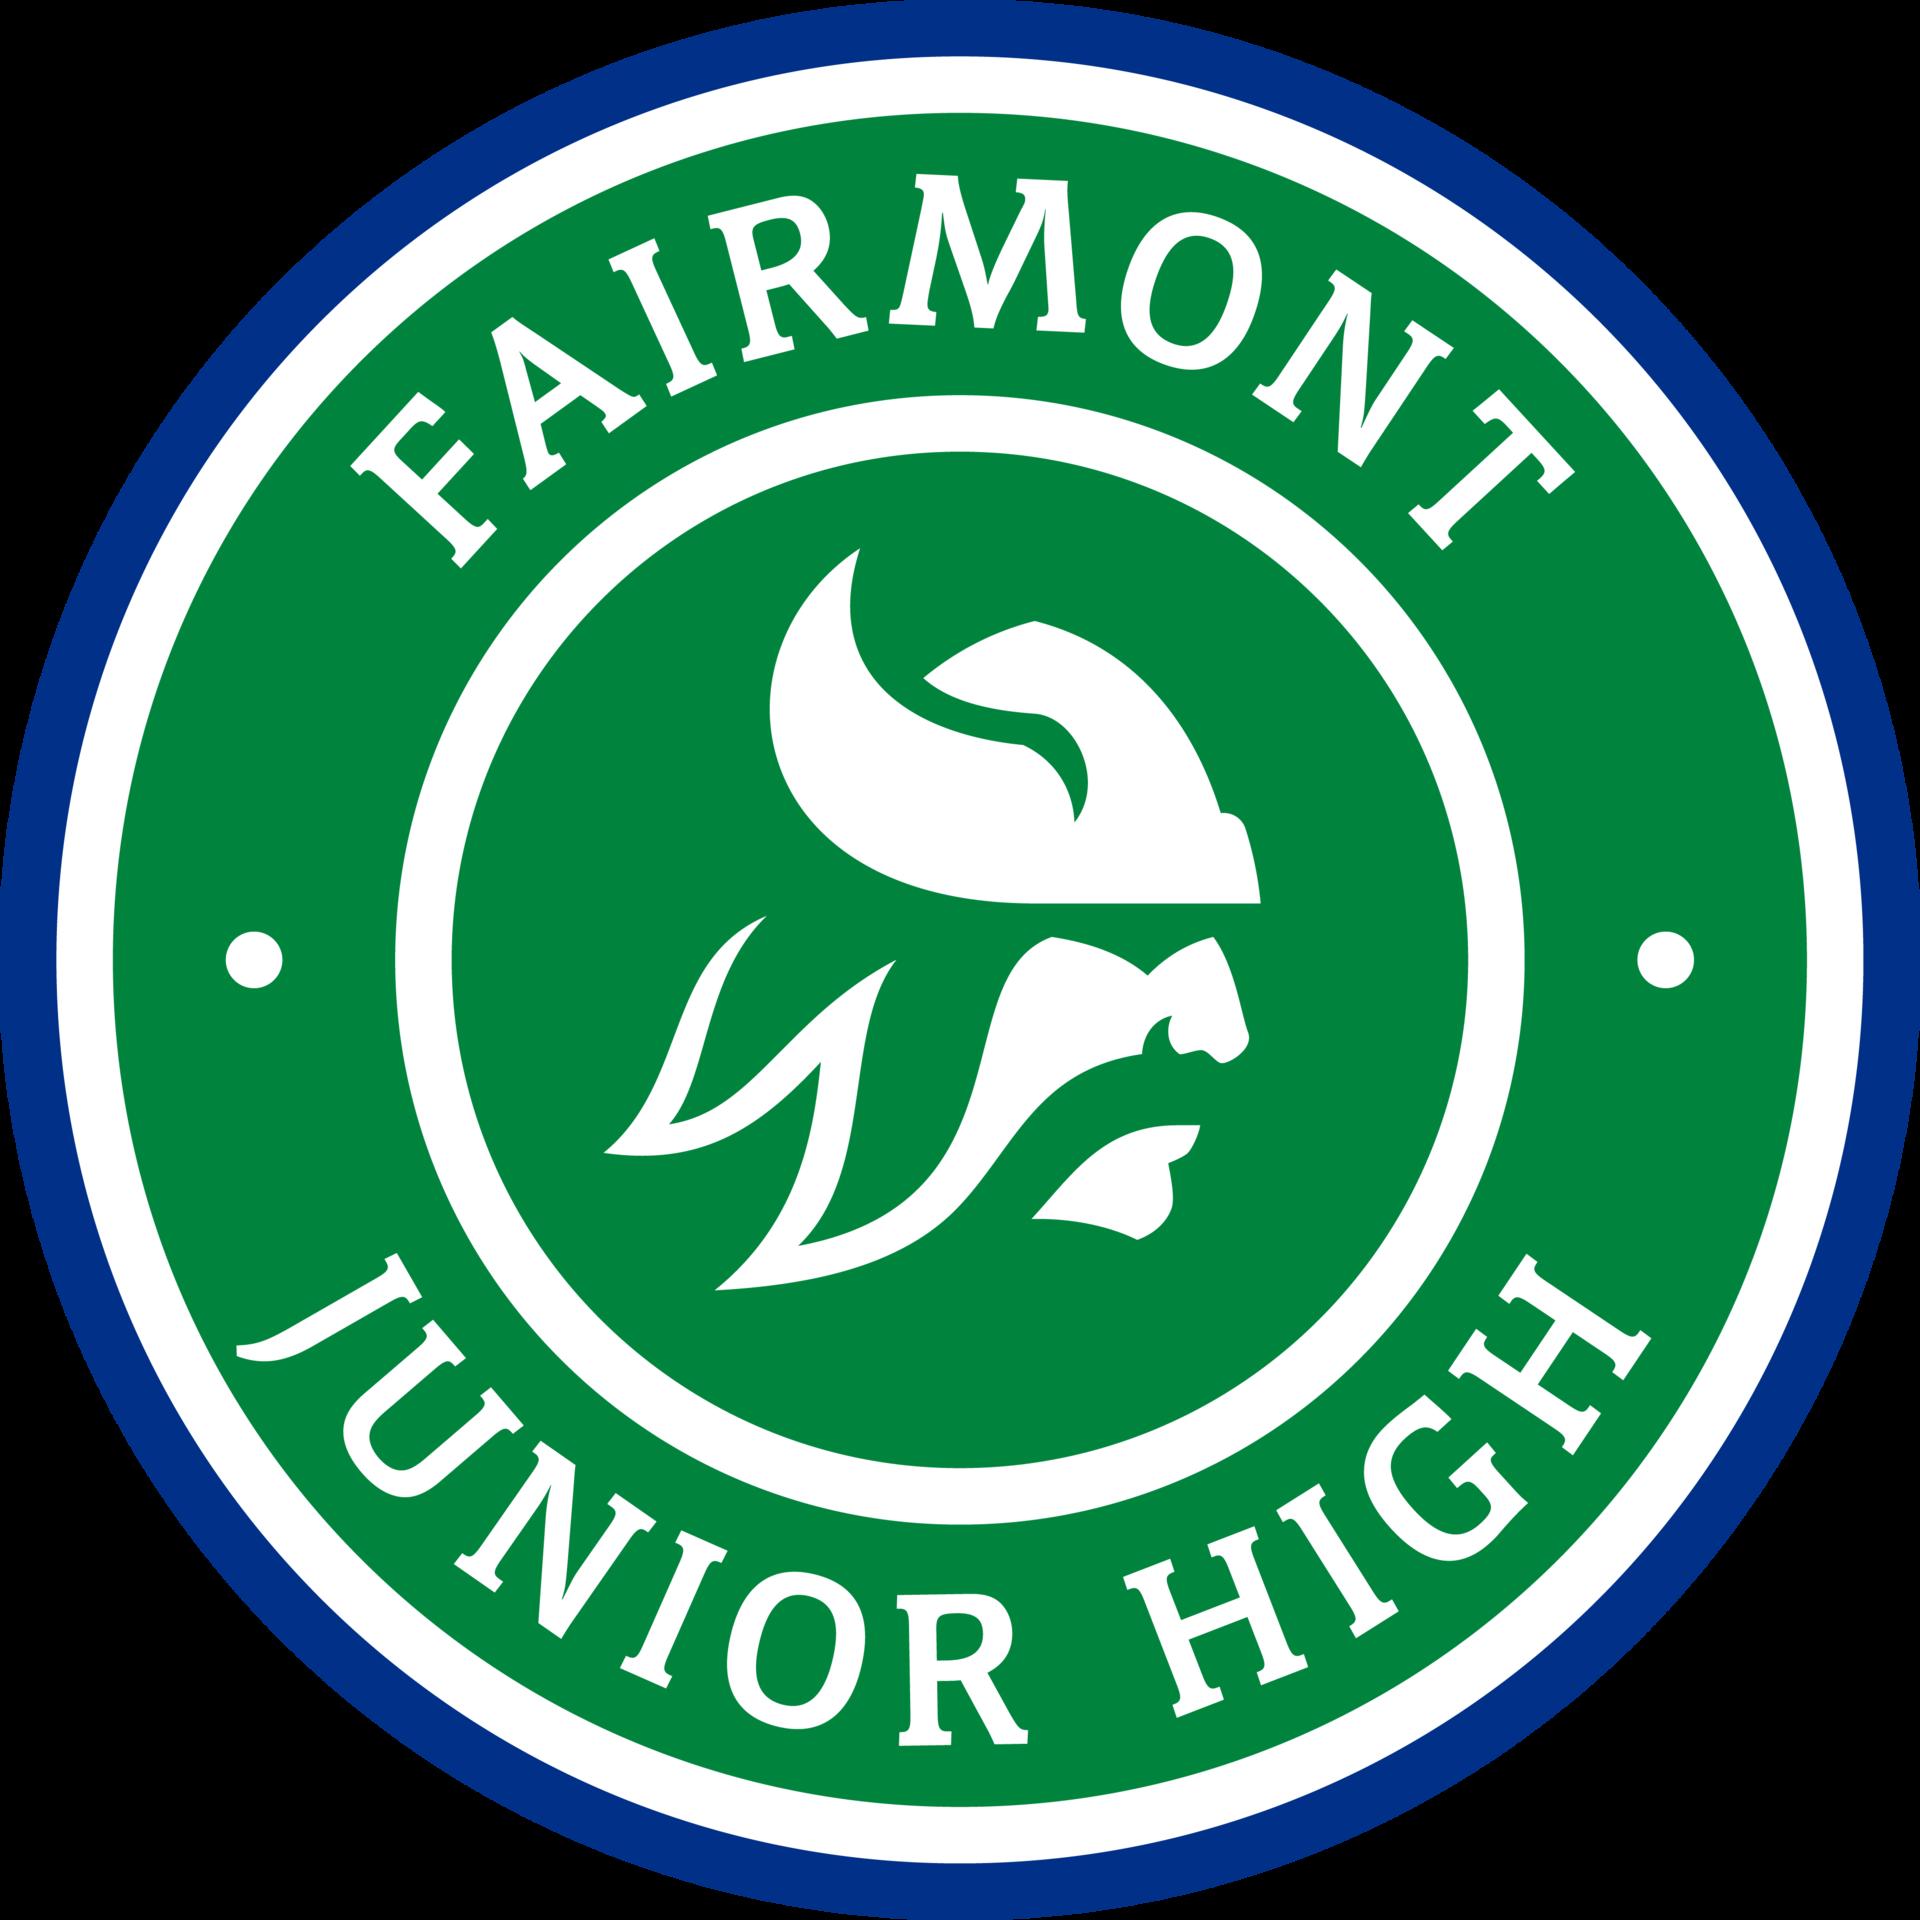 Fairmont Junior High school seal